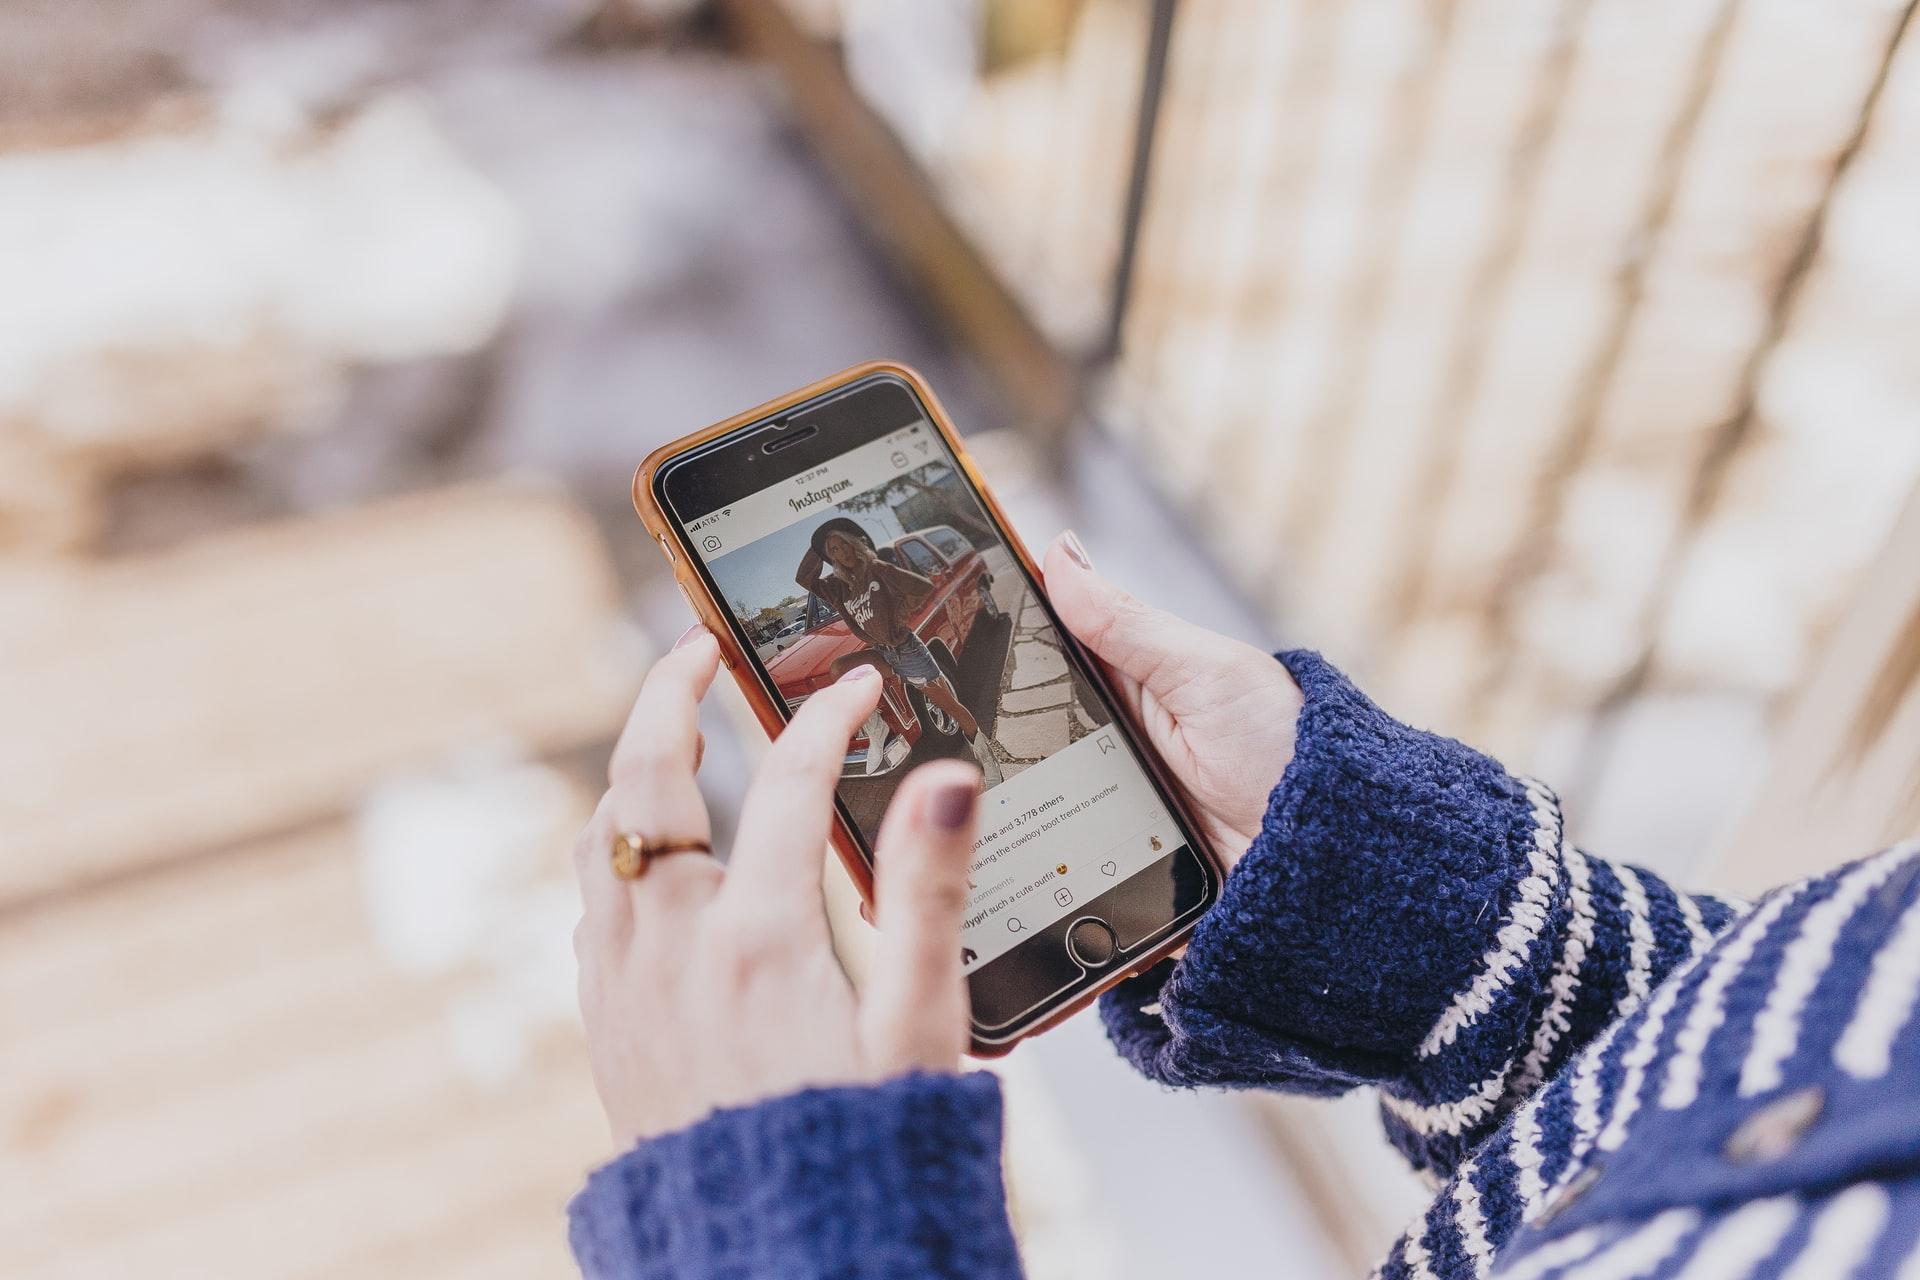 Instagram solicitará la fecha de cumpleaños a sus usuarios como nueva medida de seguridad